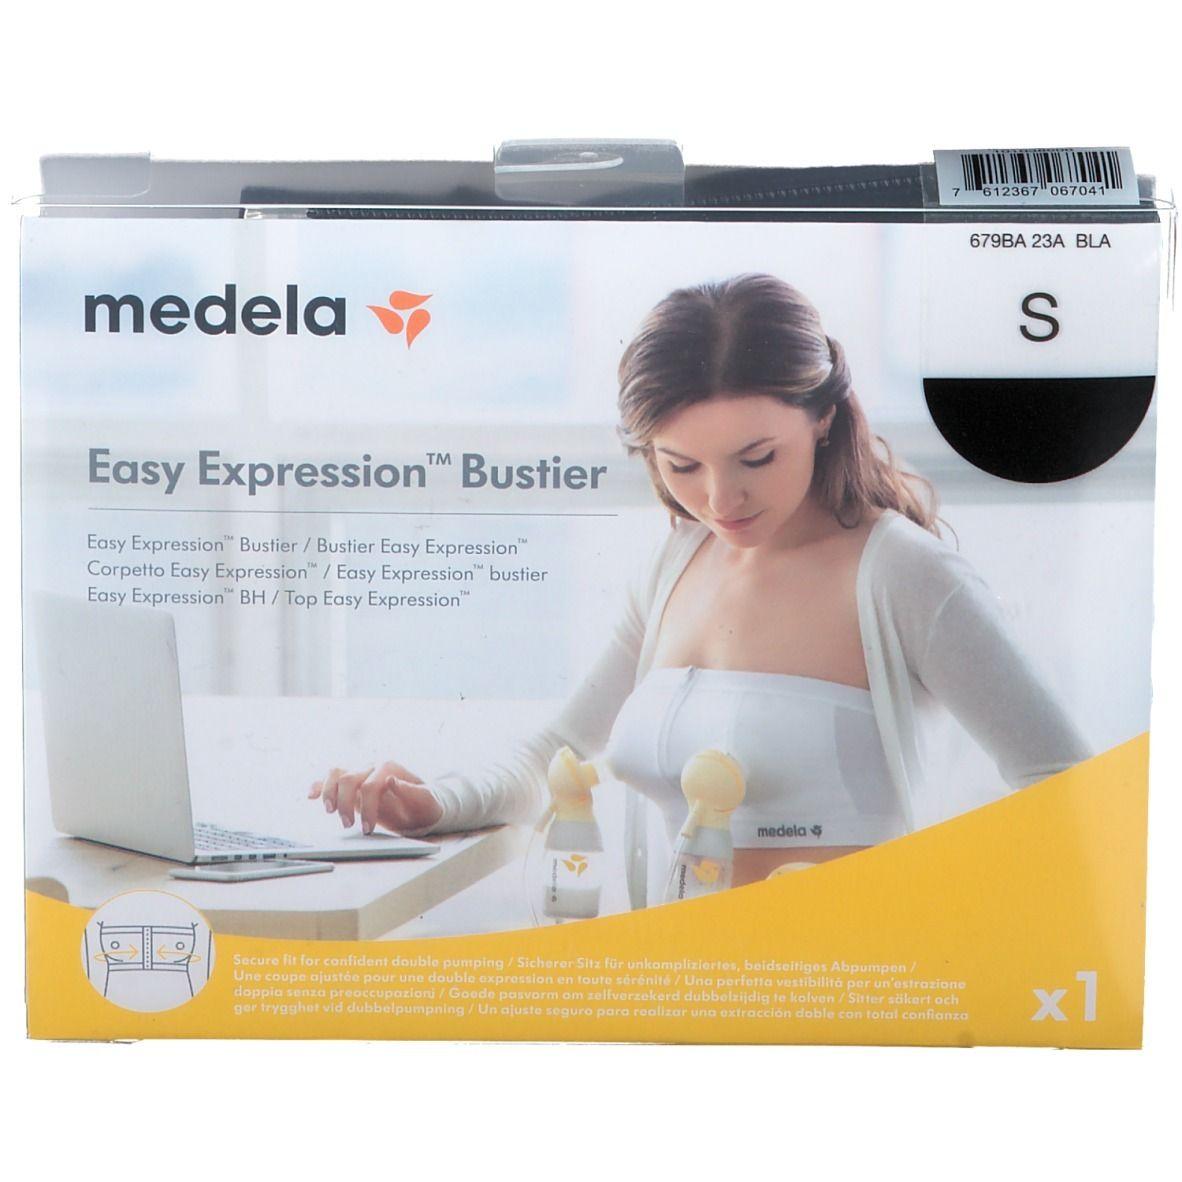 Medela easy expression™ bustier Noir S